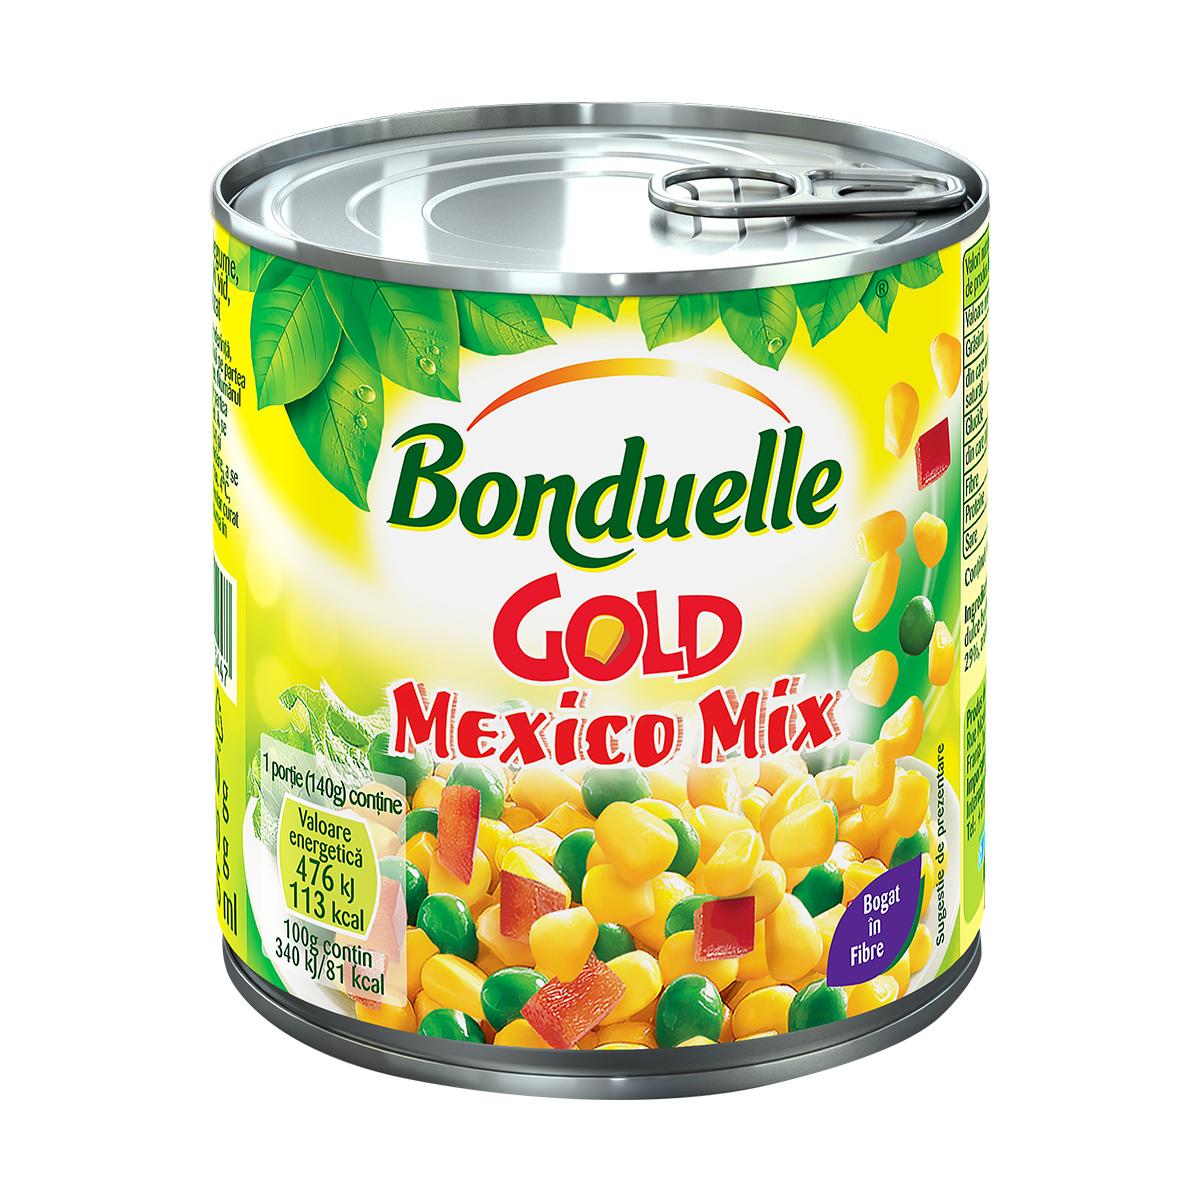 Amestec de legume Bonduelle Mexico Mix Gold, cutie, 425 ml imagine